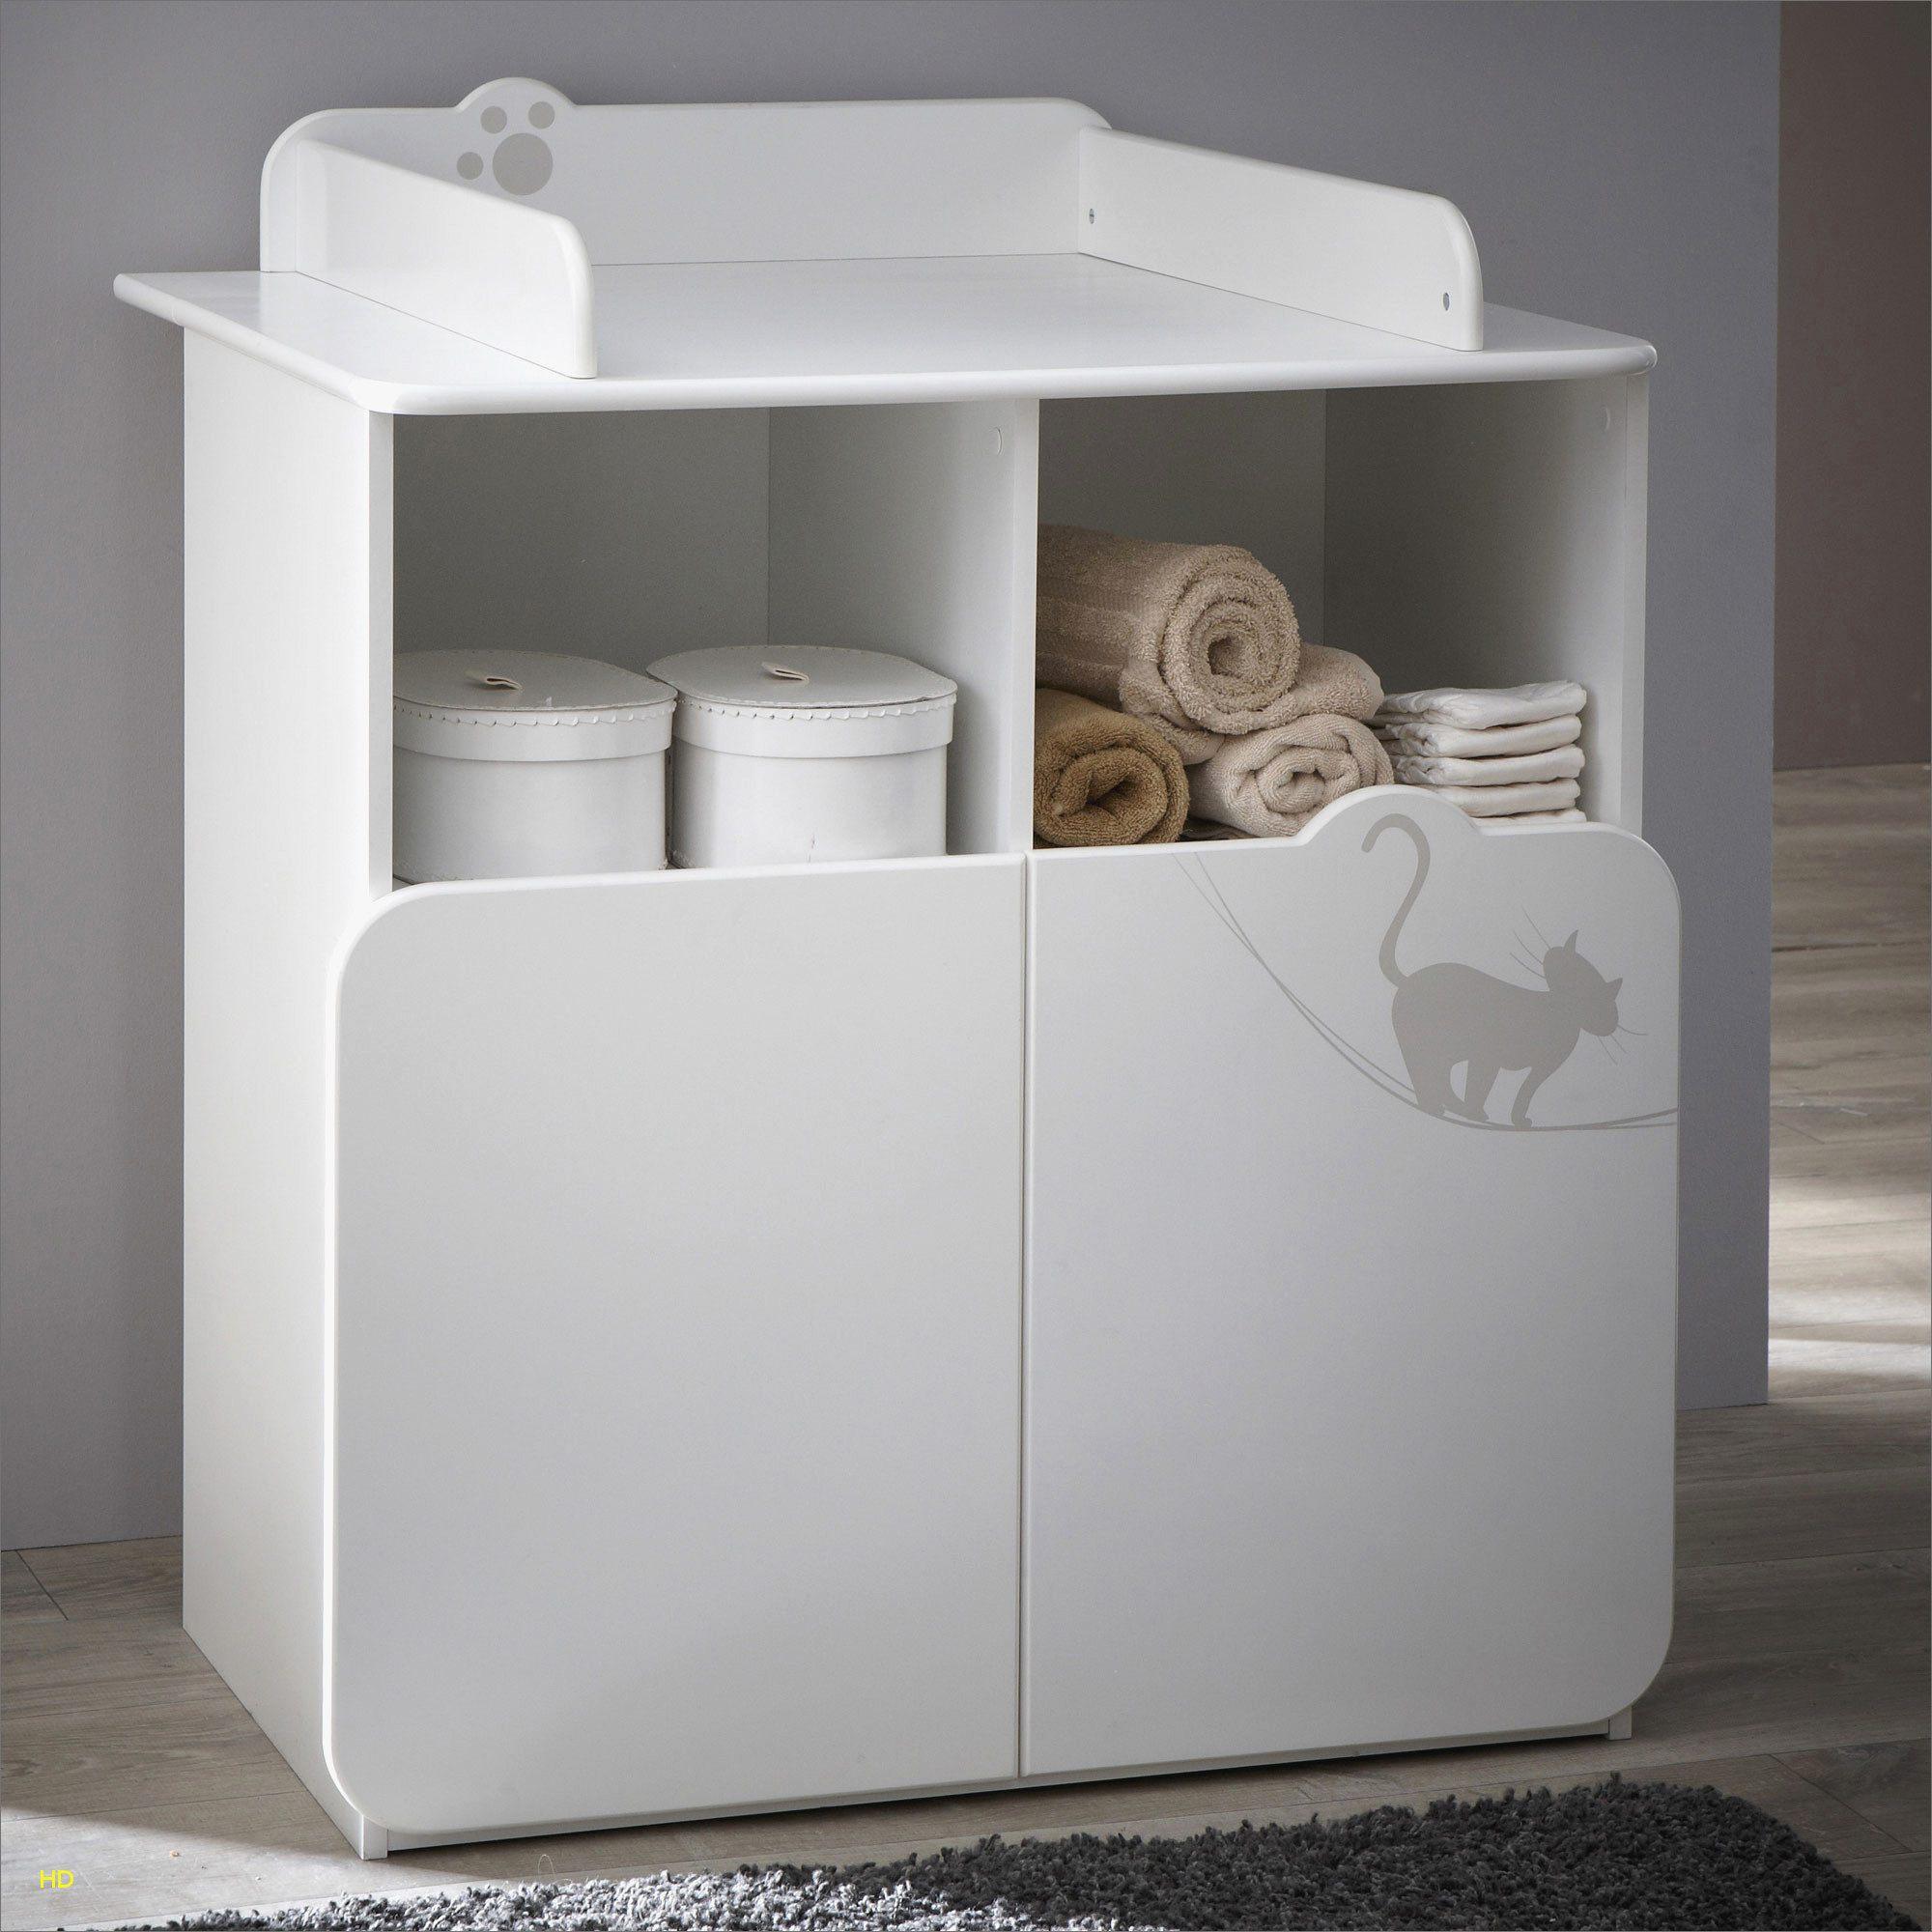 Lit Coffre Haut Luxe Banc Coffre Ikea Banc Coffre Ikea Frais Le Rangement Nouveau